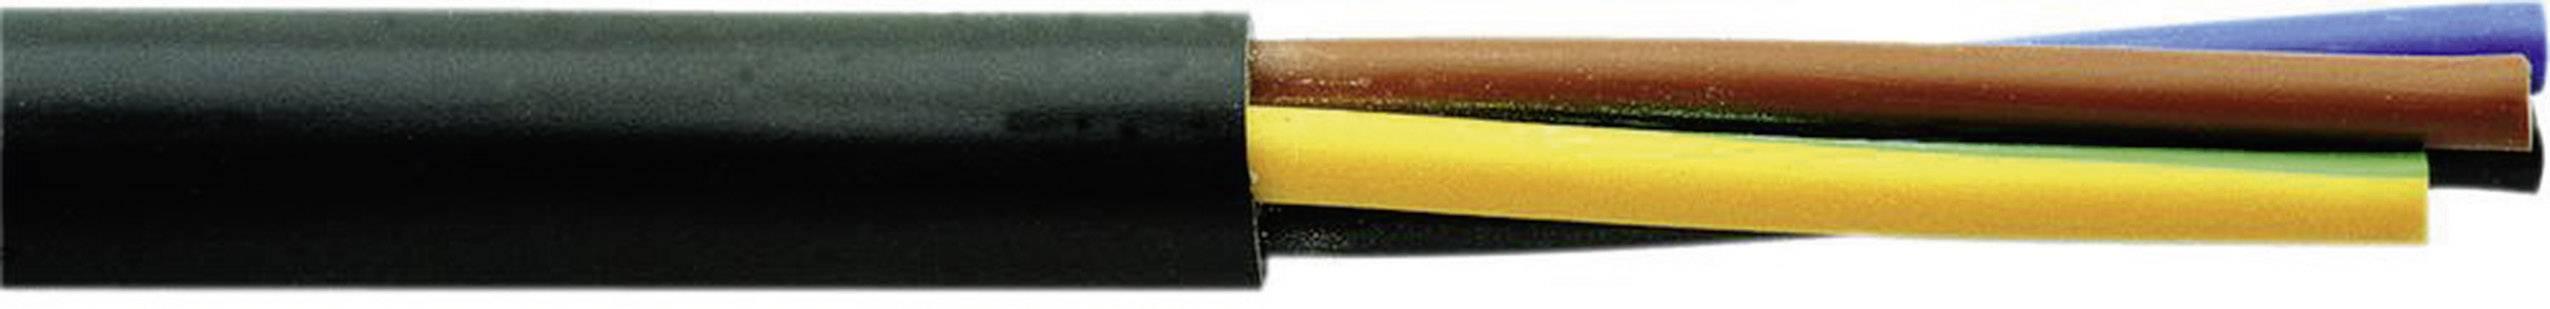 Vícežílový kabel Faber Kabel H05RR-F, 050026, 3 G 2.50 mm², černá, metrové zboží